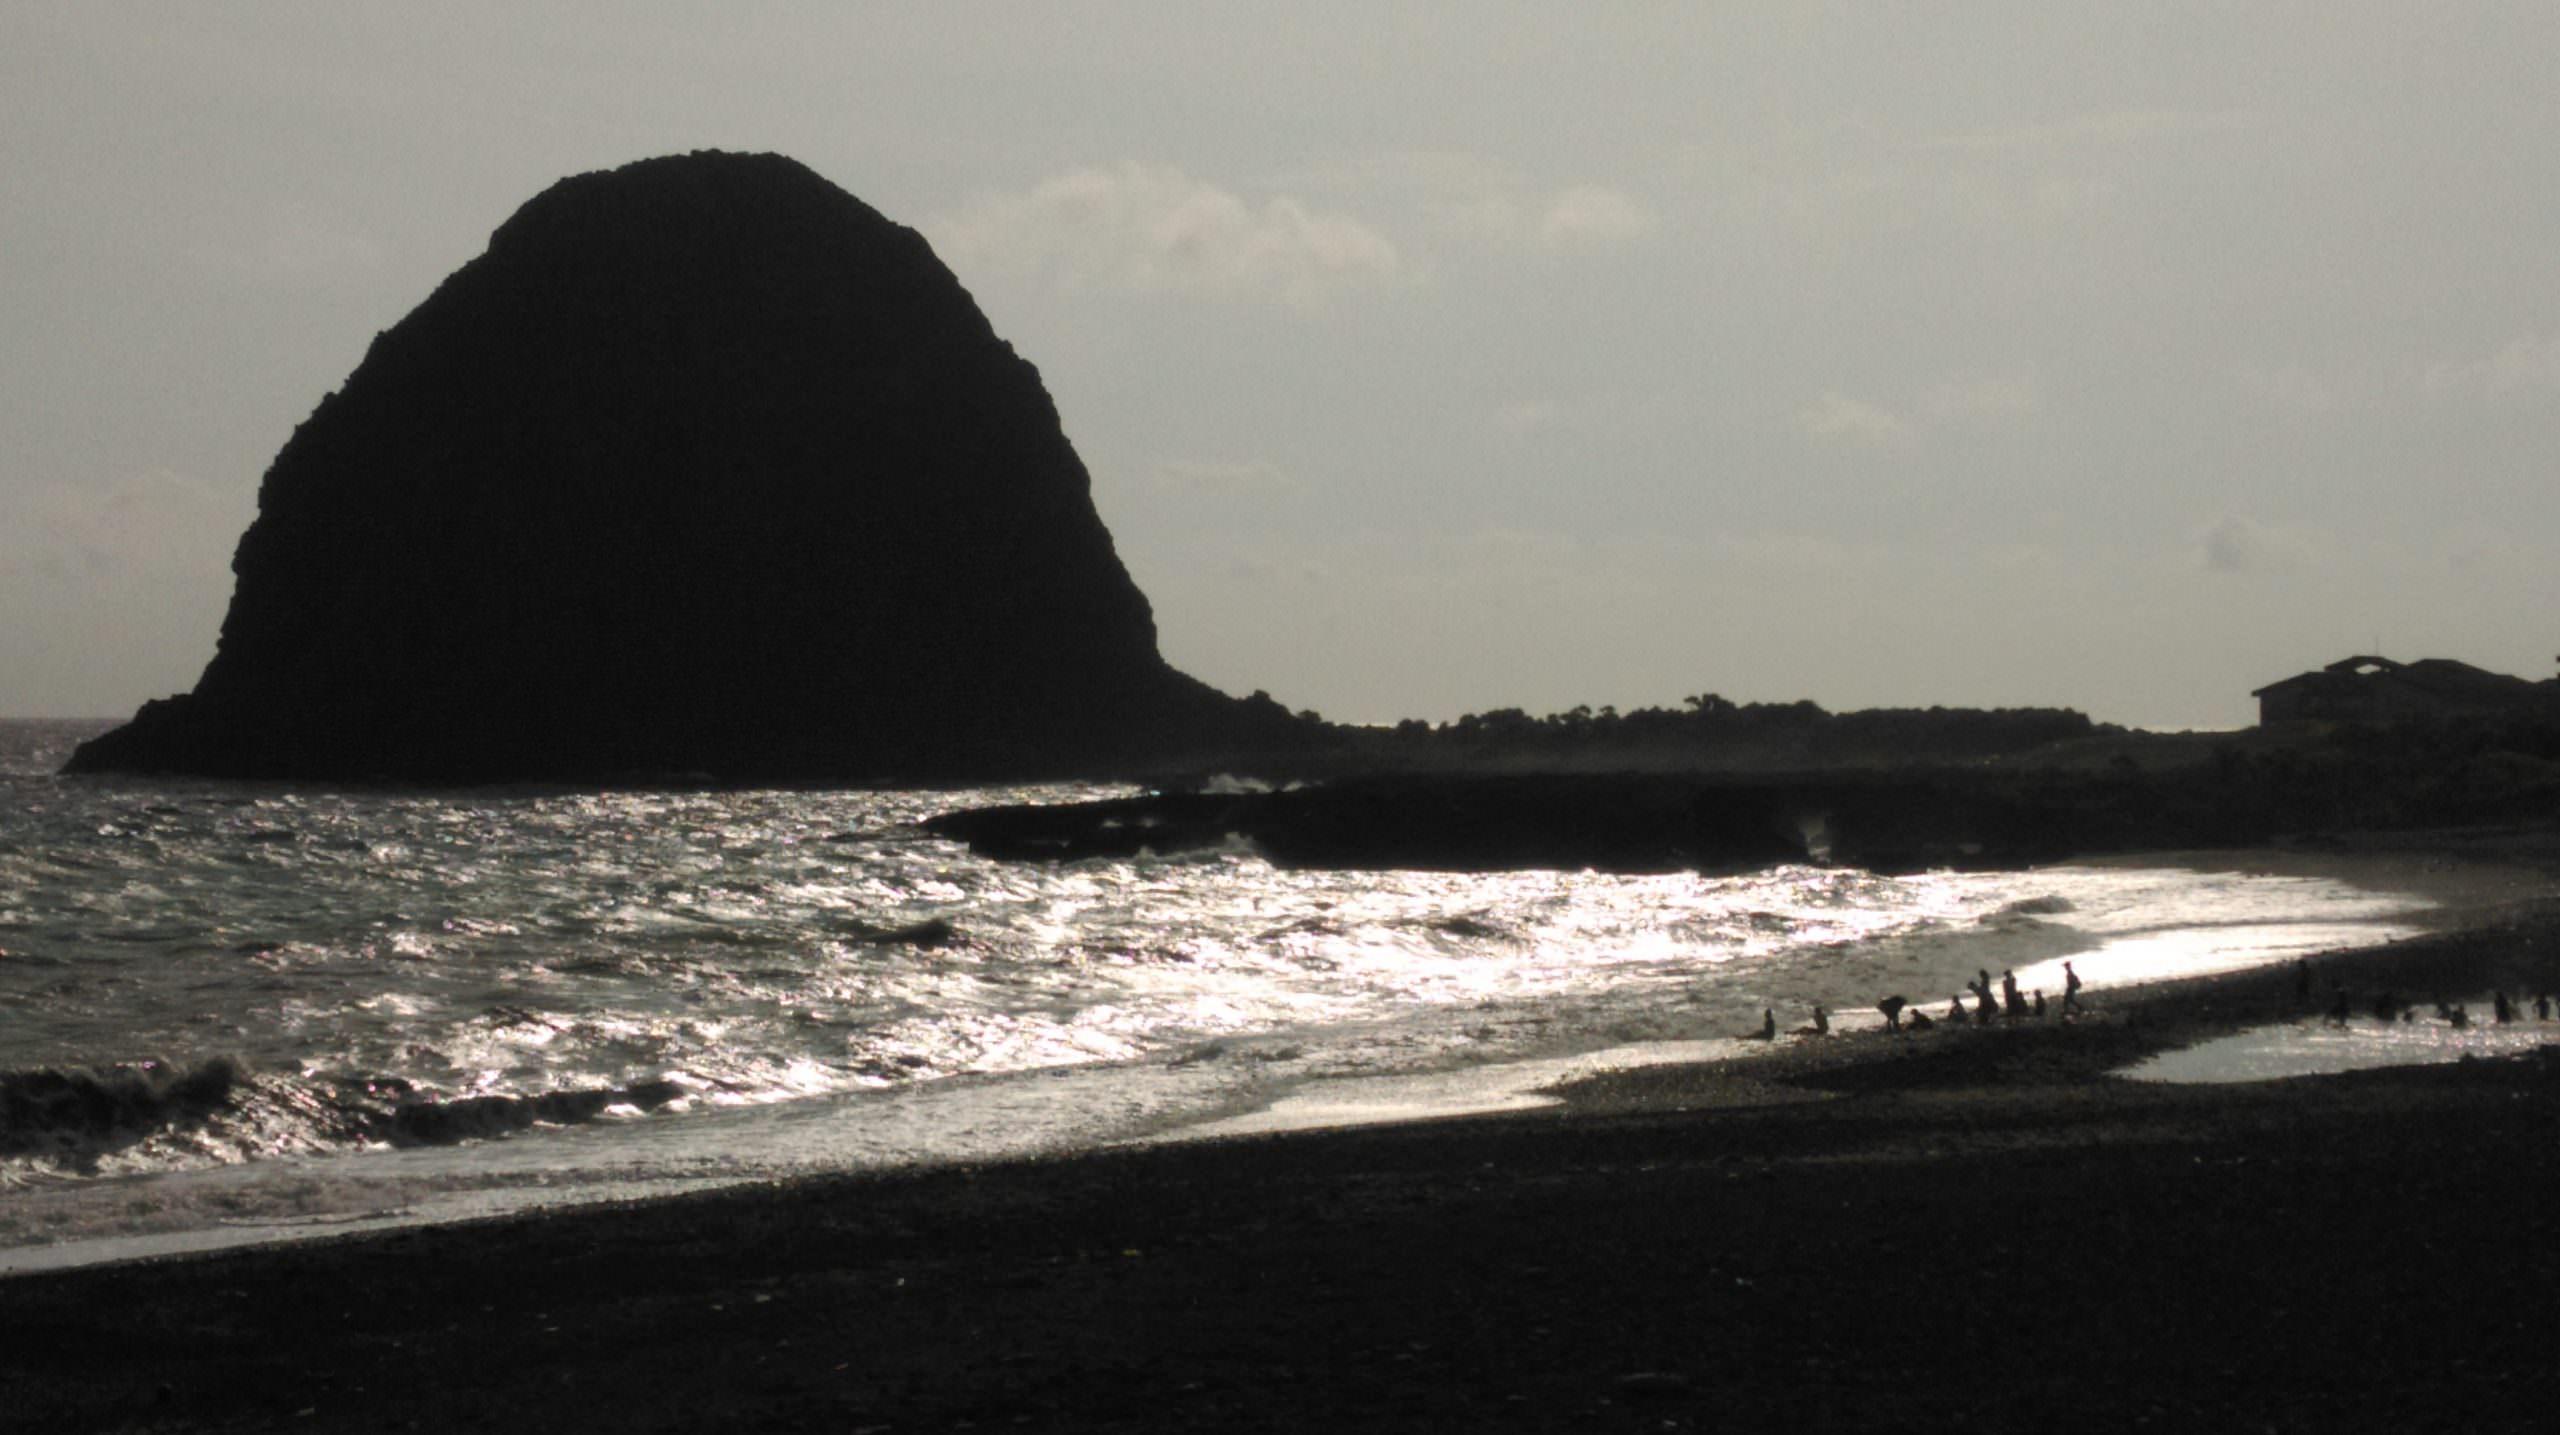 饅頭岩,蘭嶼旅遊,蘭嶼潛水,蘭嶼自由行,蘭嶼景點,飛魚祭,拼板舟